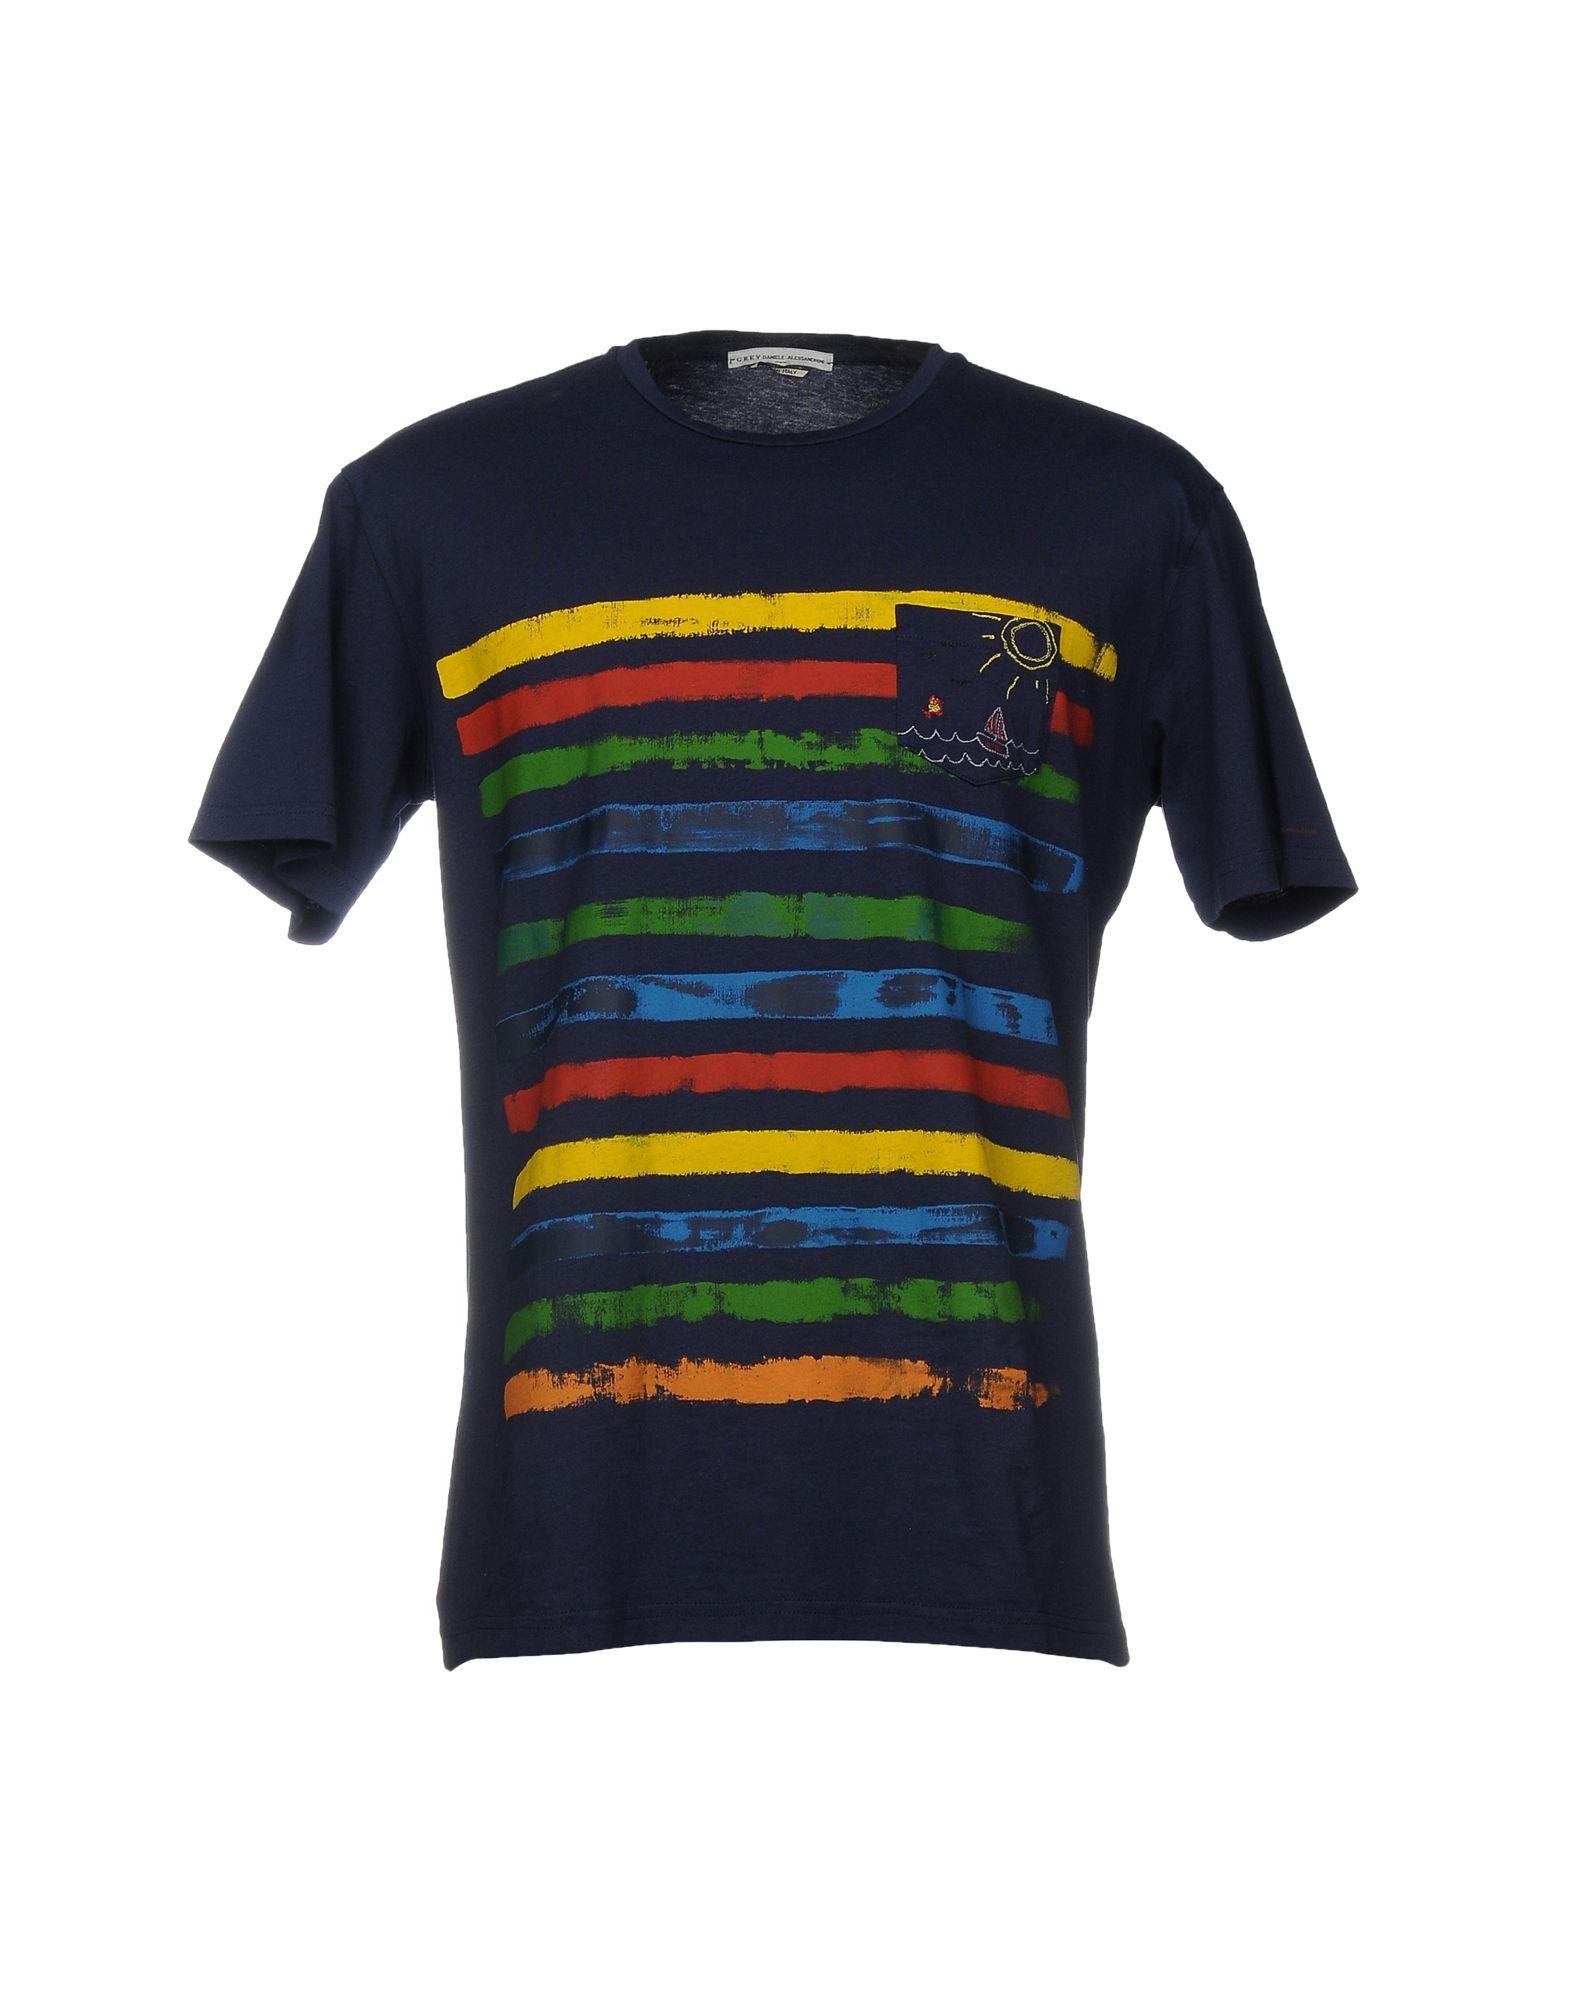 GREY DANIELE ALESSANDRINI Herren T-shirts Farbe Dunkelblau Größe 8 jetztbilligerkaufen